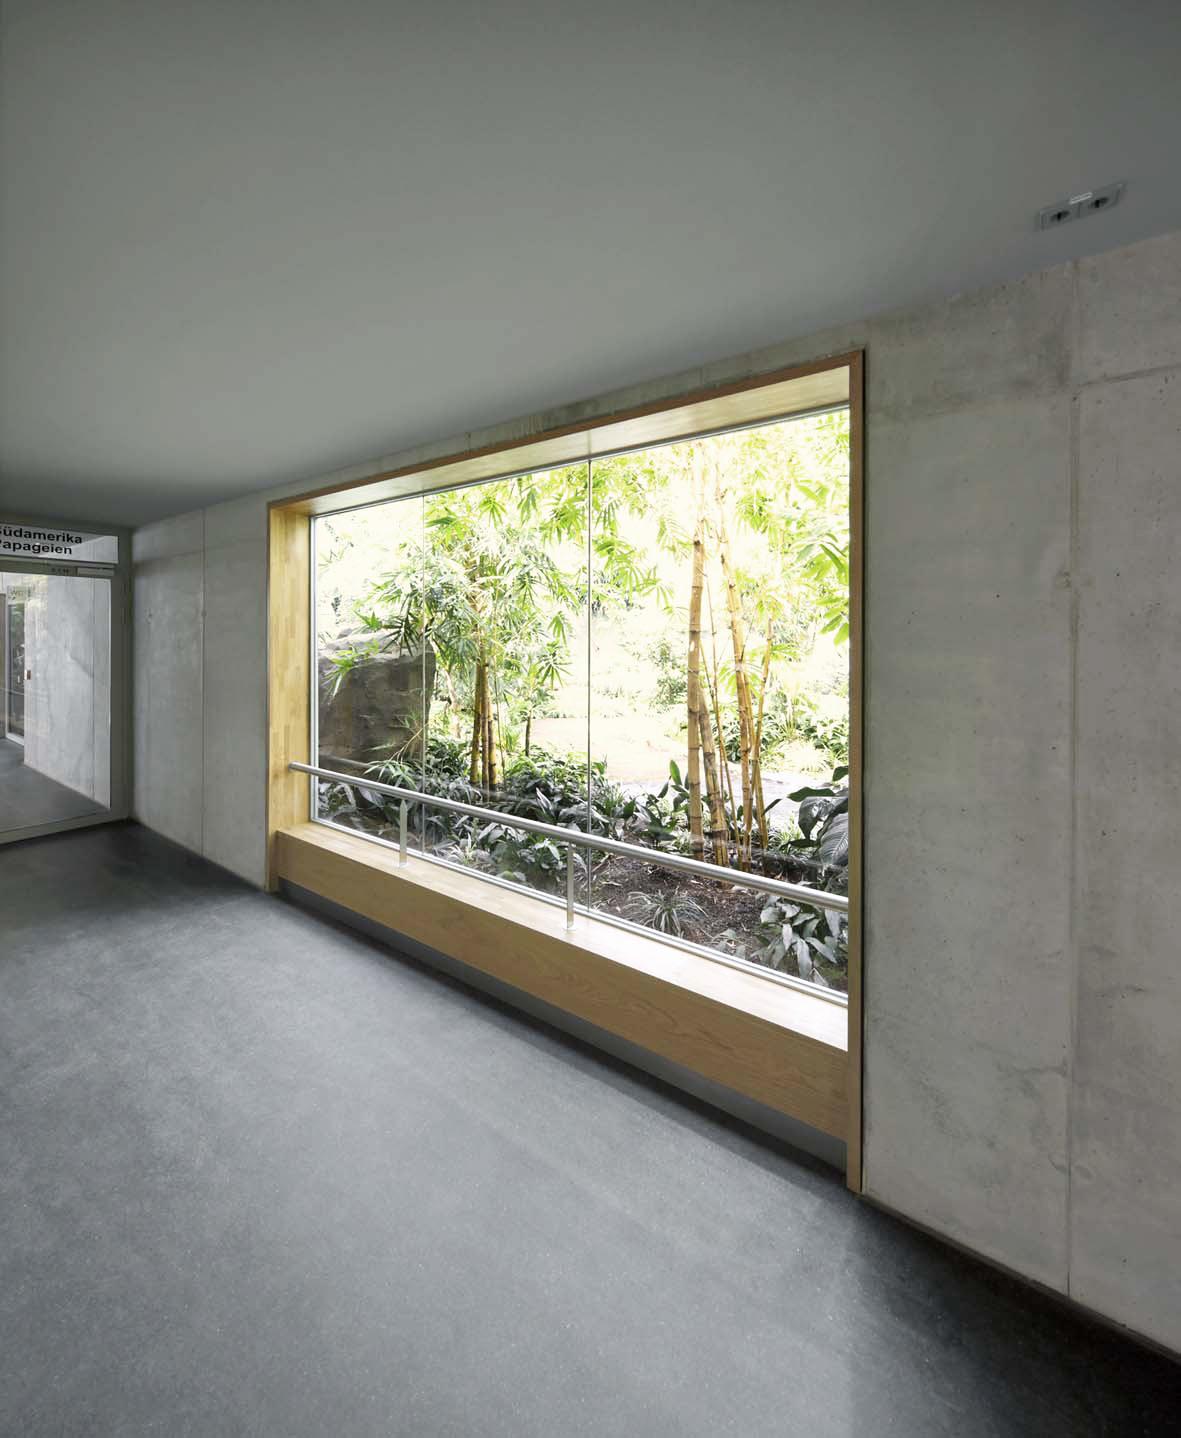 Fenster zur Freiflughalle